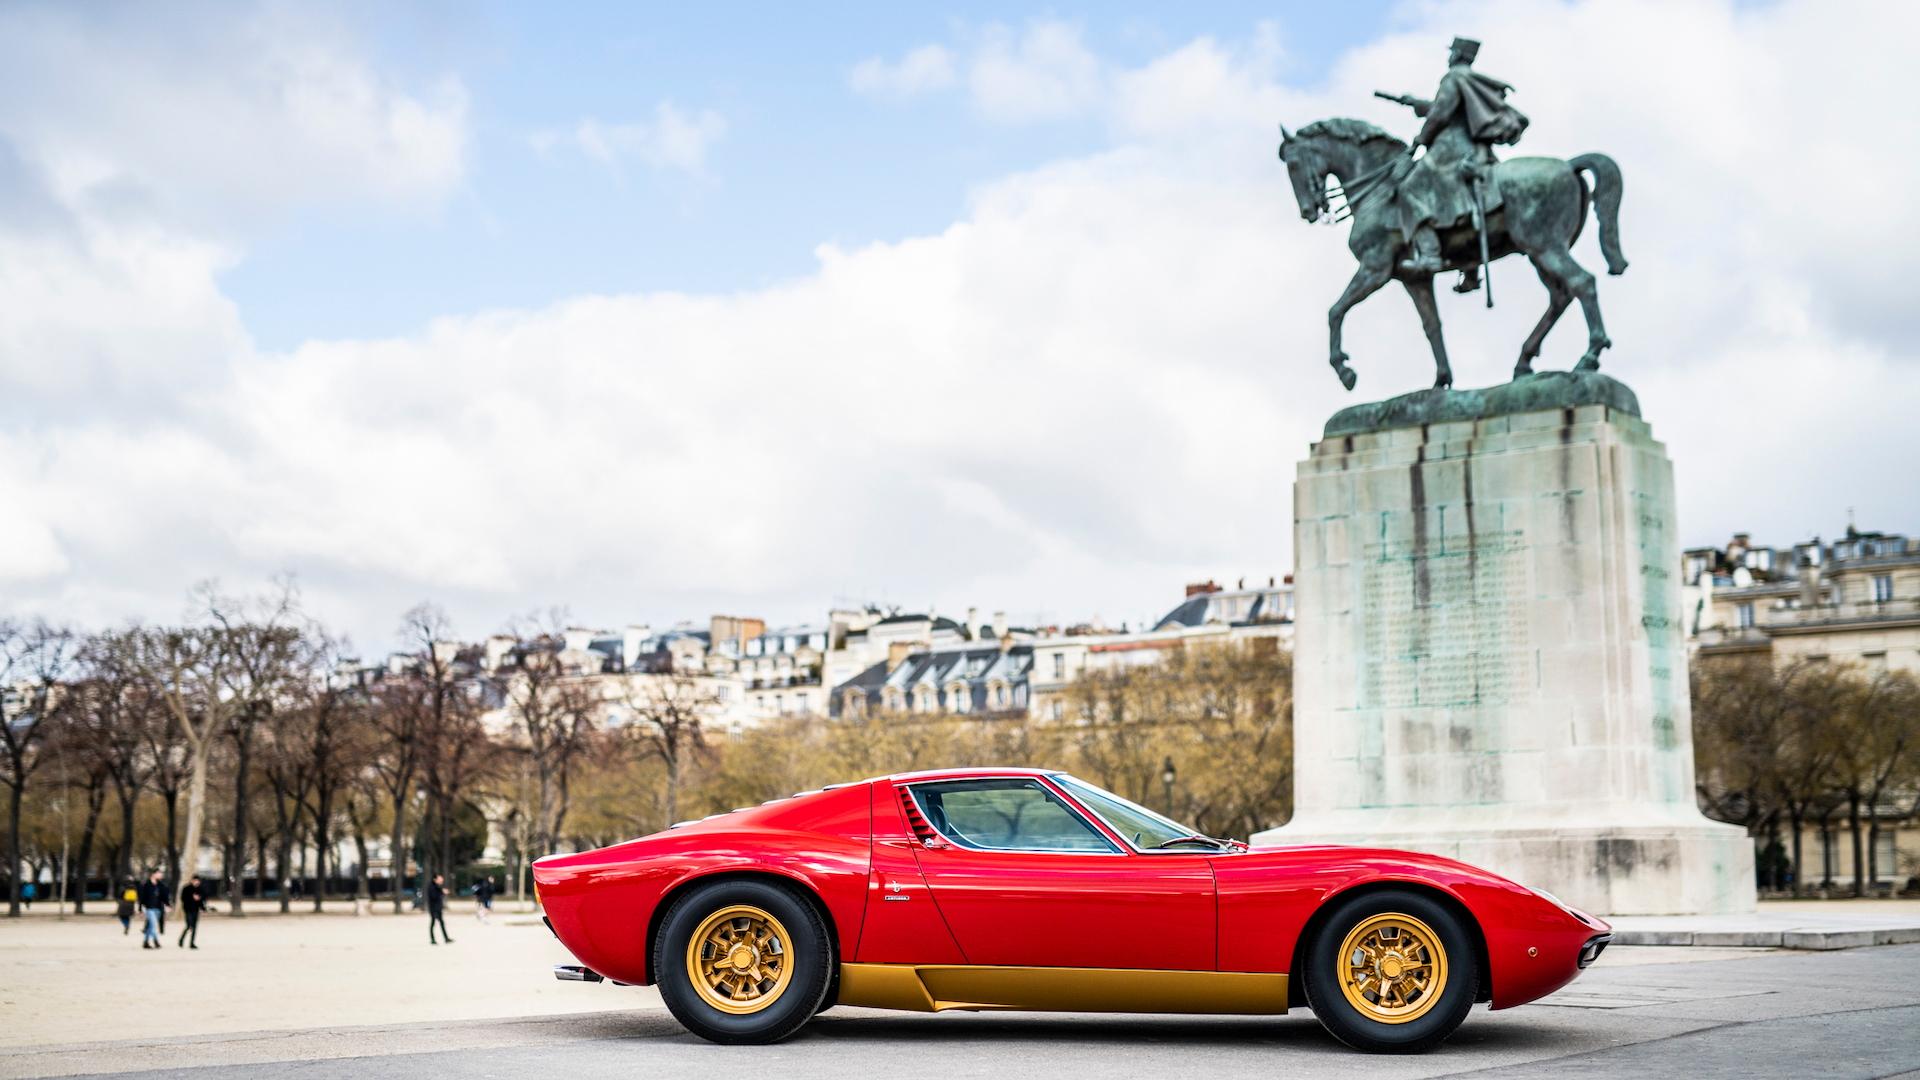 1972 Lamborghini Miura SV restored by Polo Storico